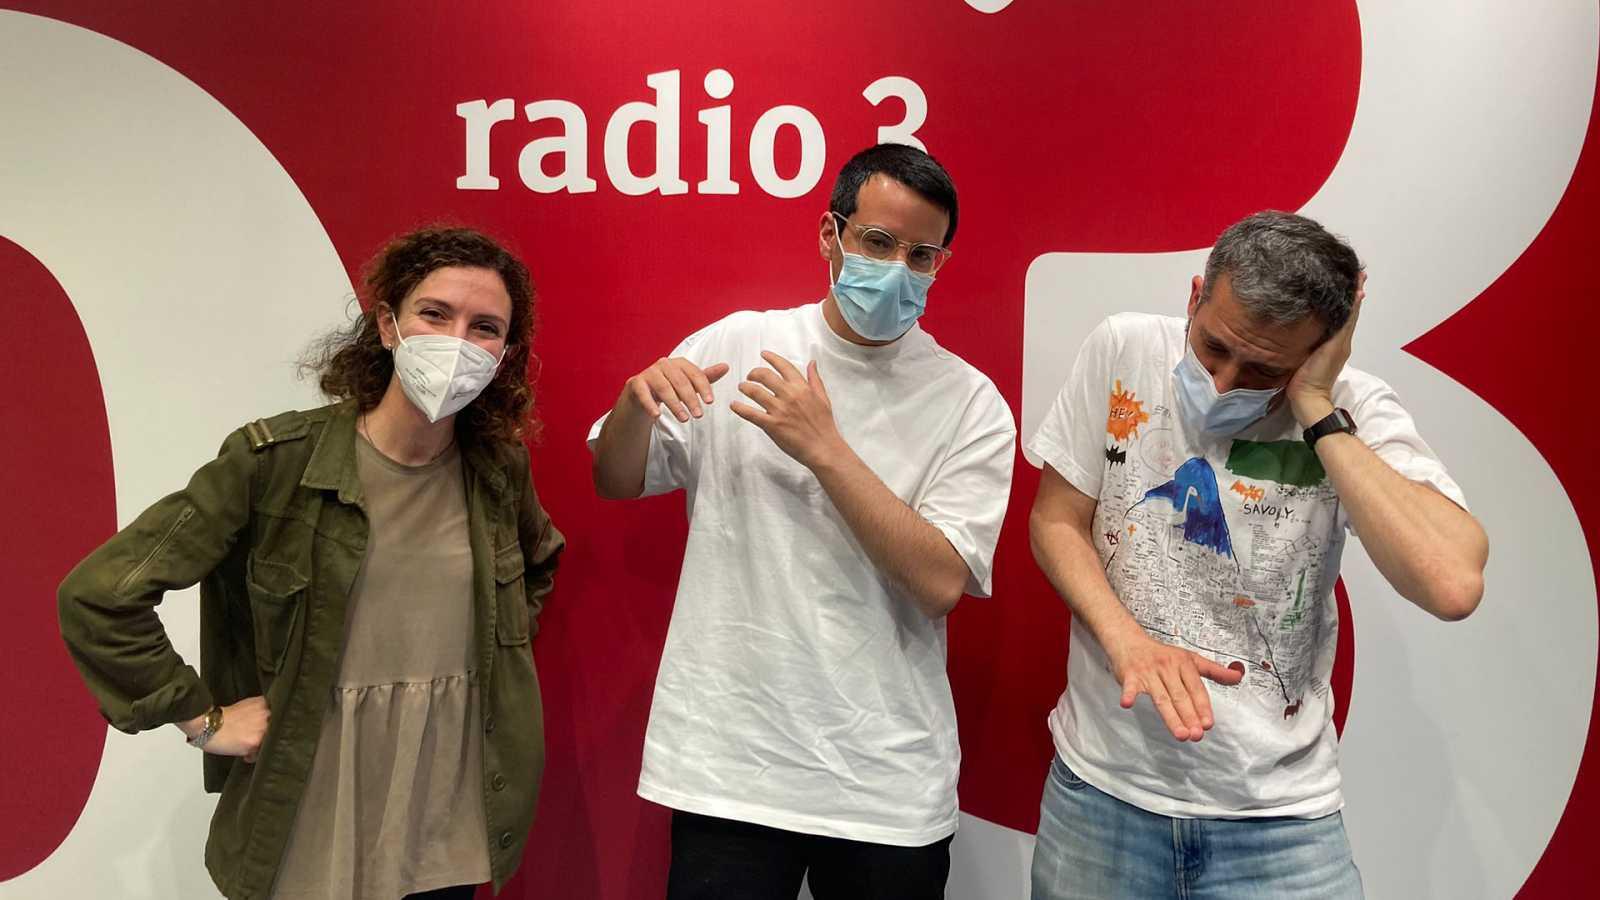 Hoy empieza todo con Ángel Carmona - Baiuca, Luís Álvaro, Música de gasolinera - 06/05/21 - escuchar ahora